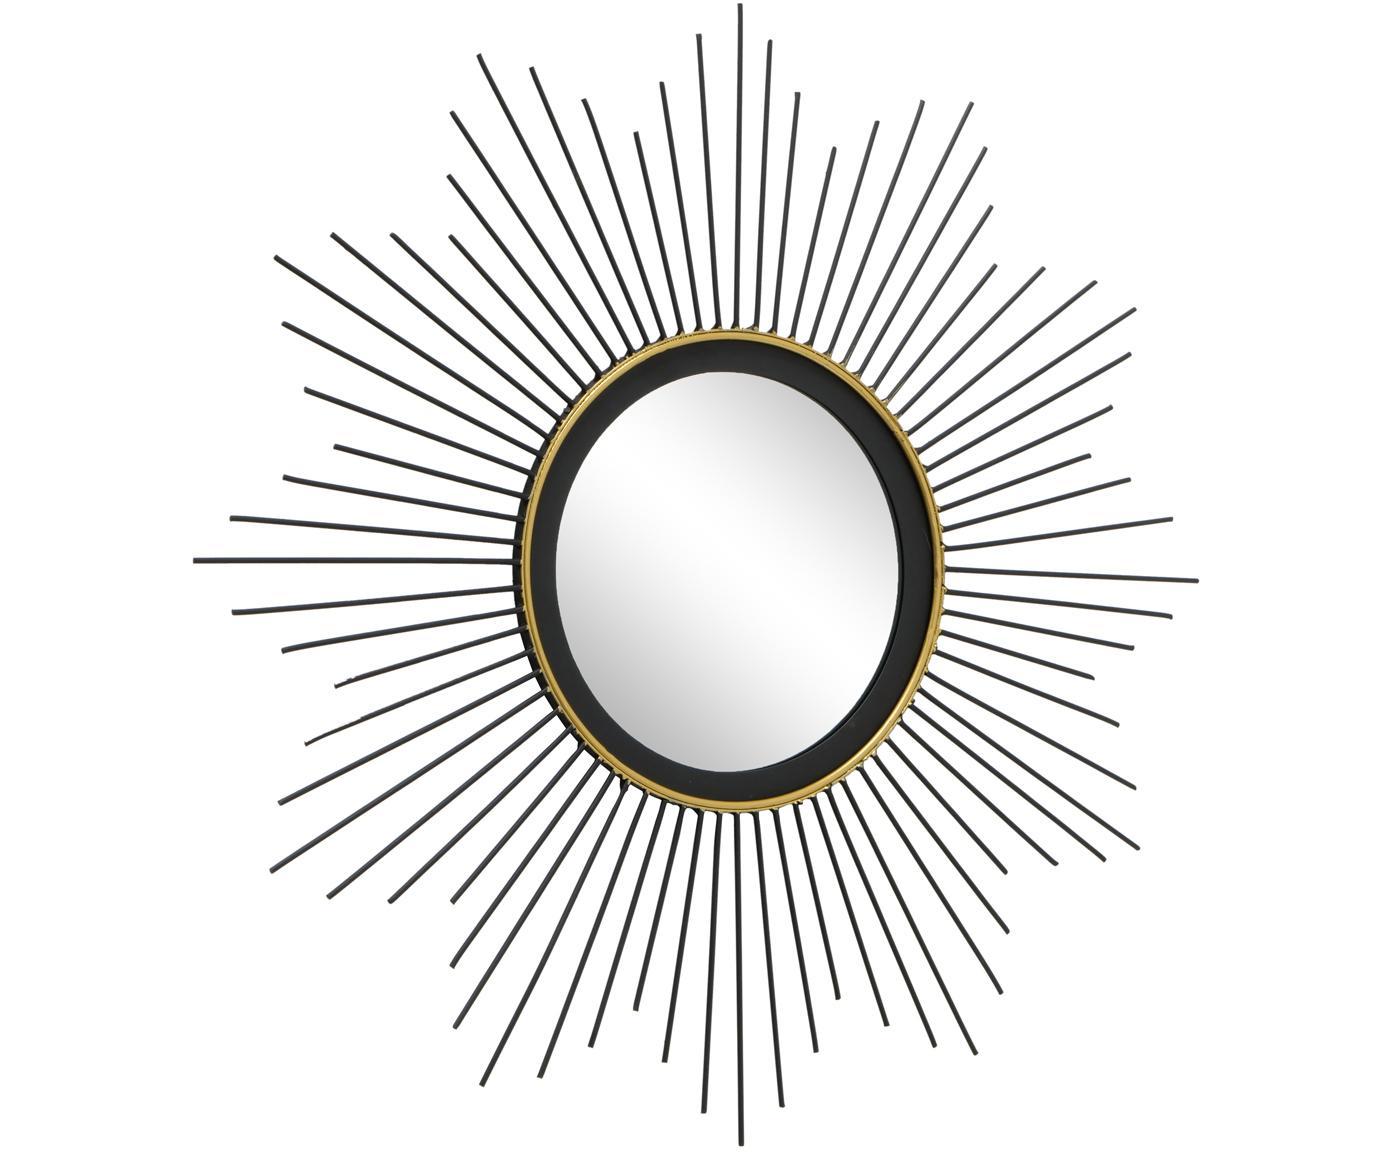 Runder Wandspiegel Yoko aus Metall, Metall, Spiegelglas, Schwarz, Ø 50 cm